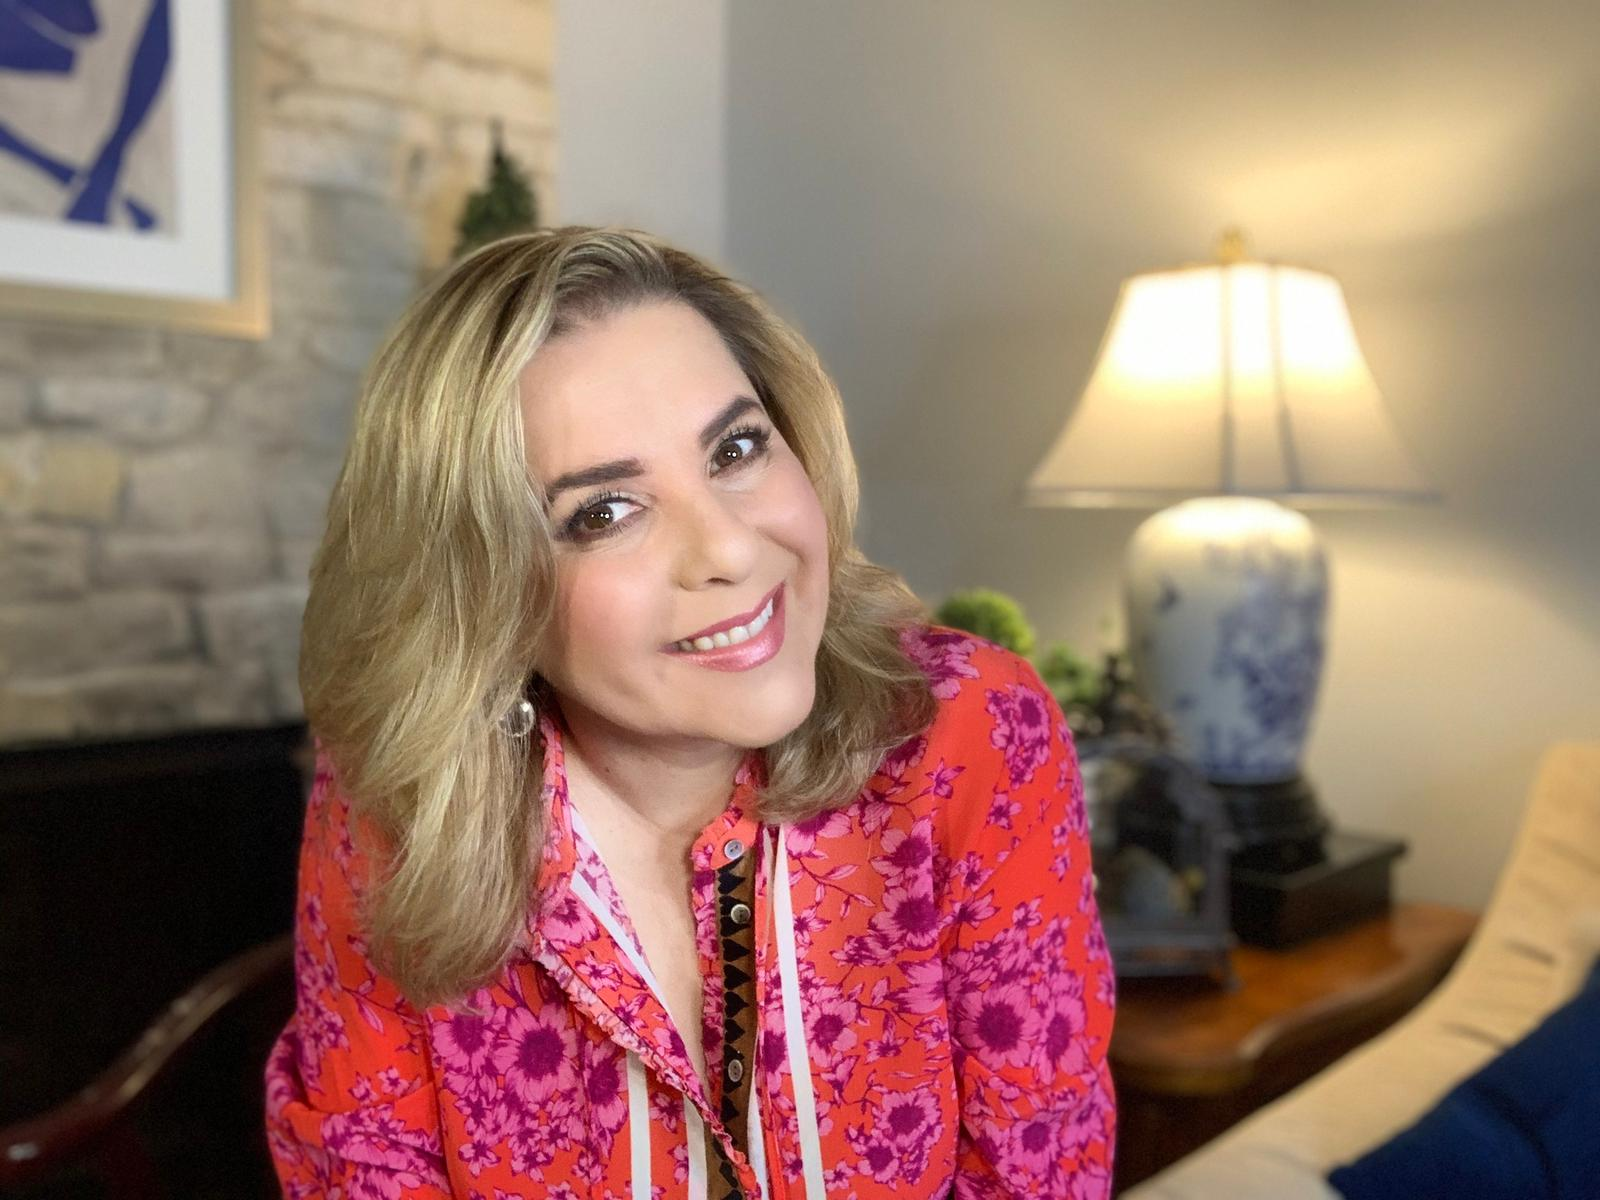 Ana María Canseco